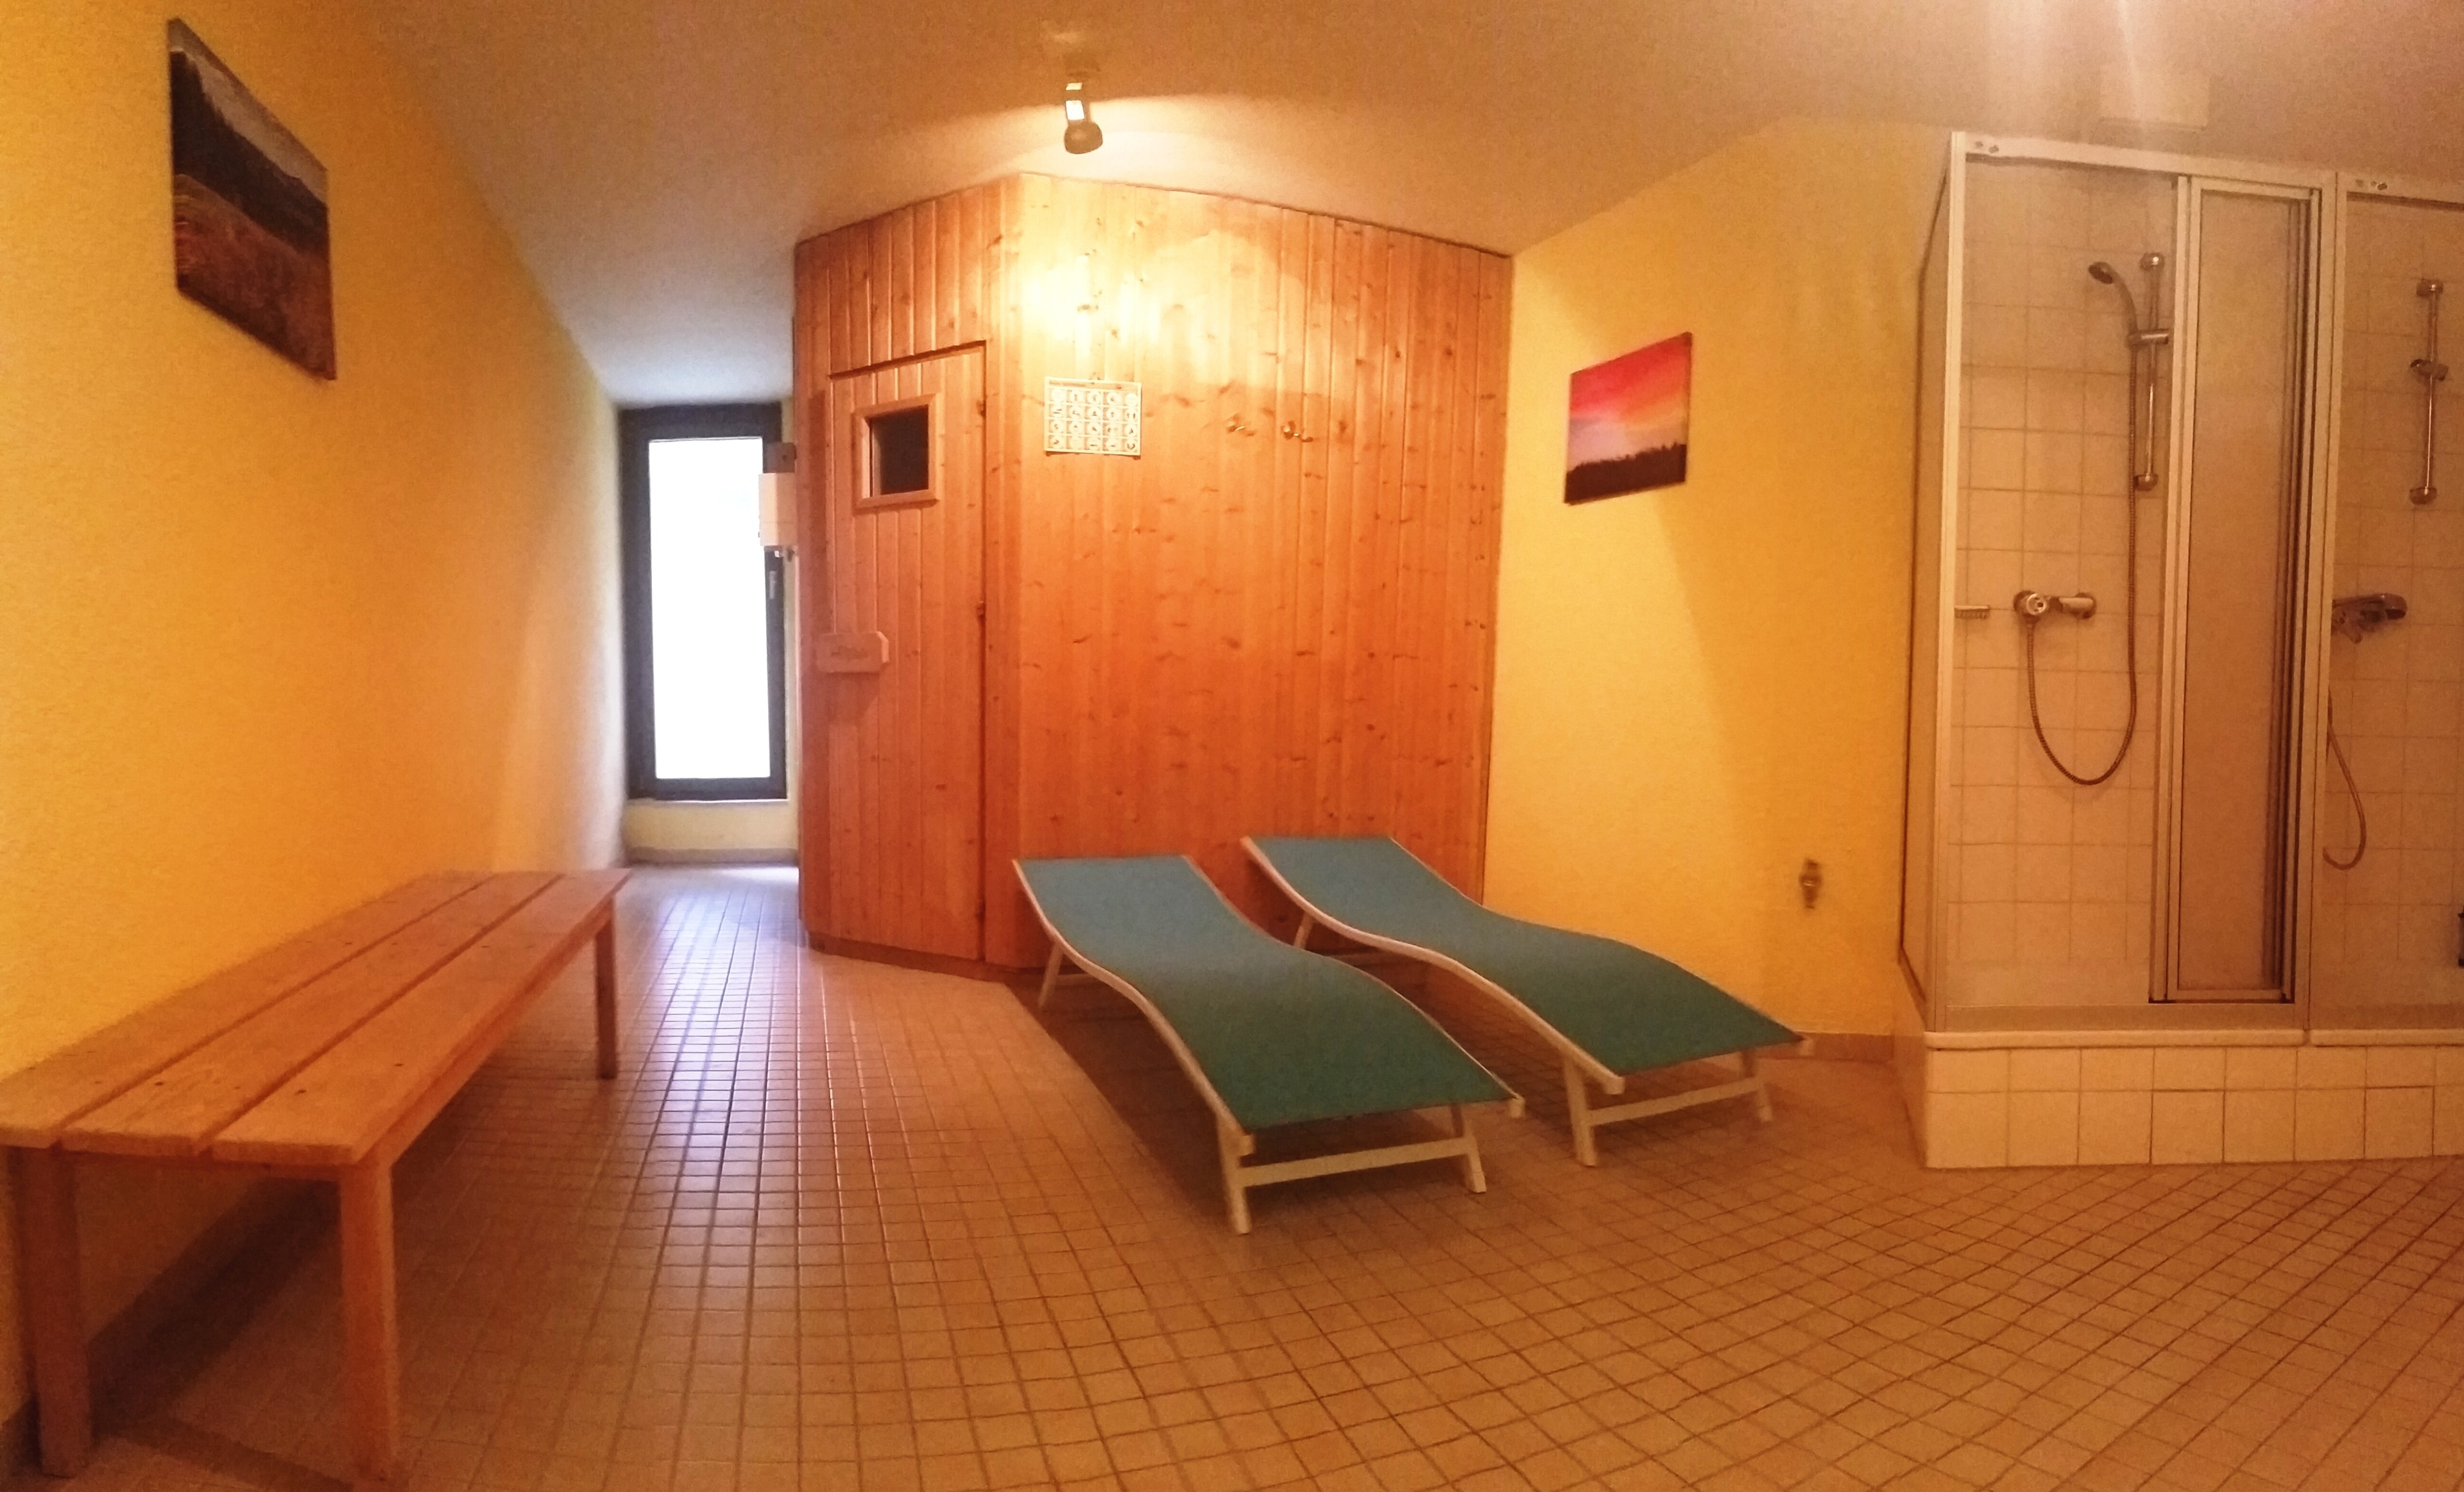 Ferienwohnung Fewo 20 - Residenz Schauinsland- mit SchwimmbadTodtnauberg bei Feldberg (2641795), Todtnau, Schwarzwald, Baden-Württemberg, Deutschland, Bild 19